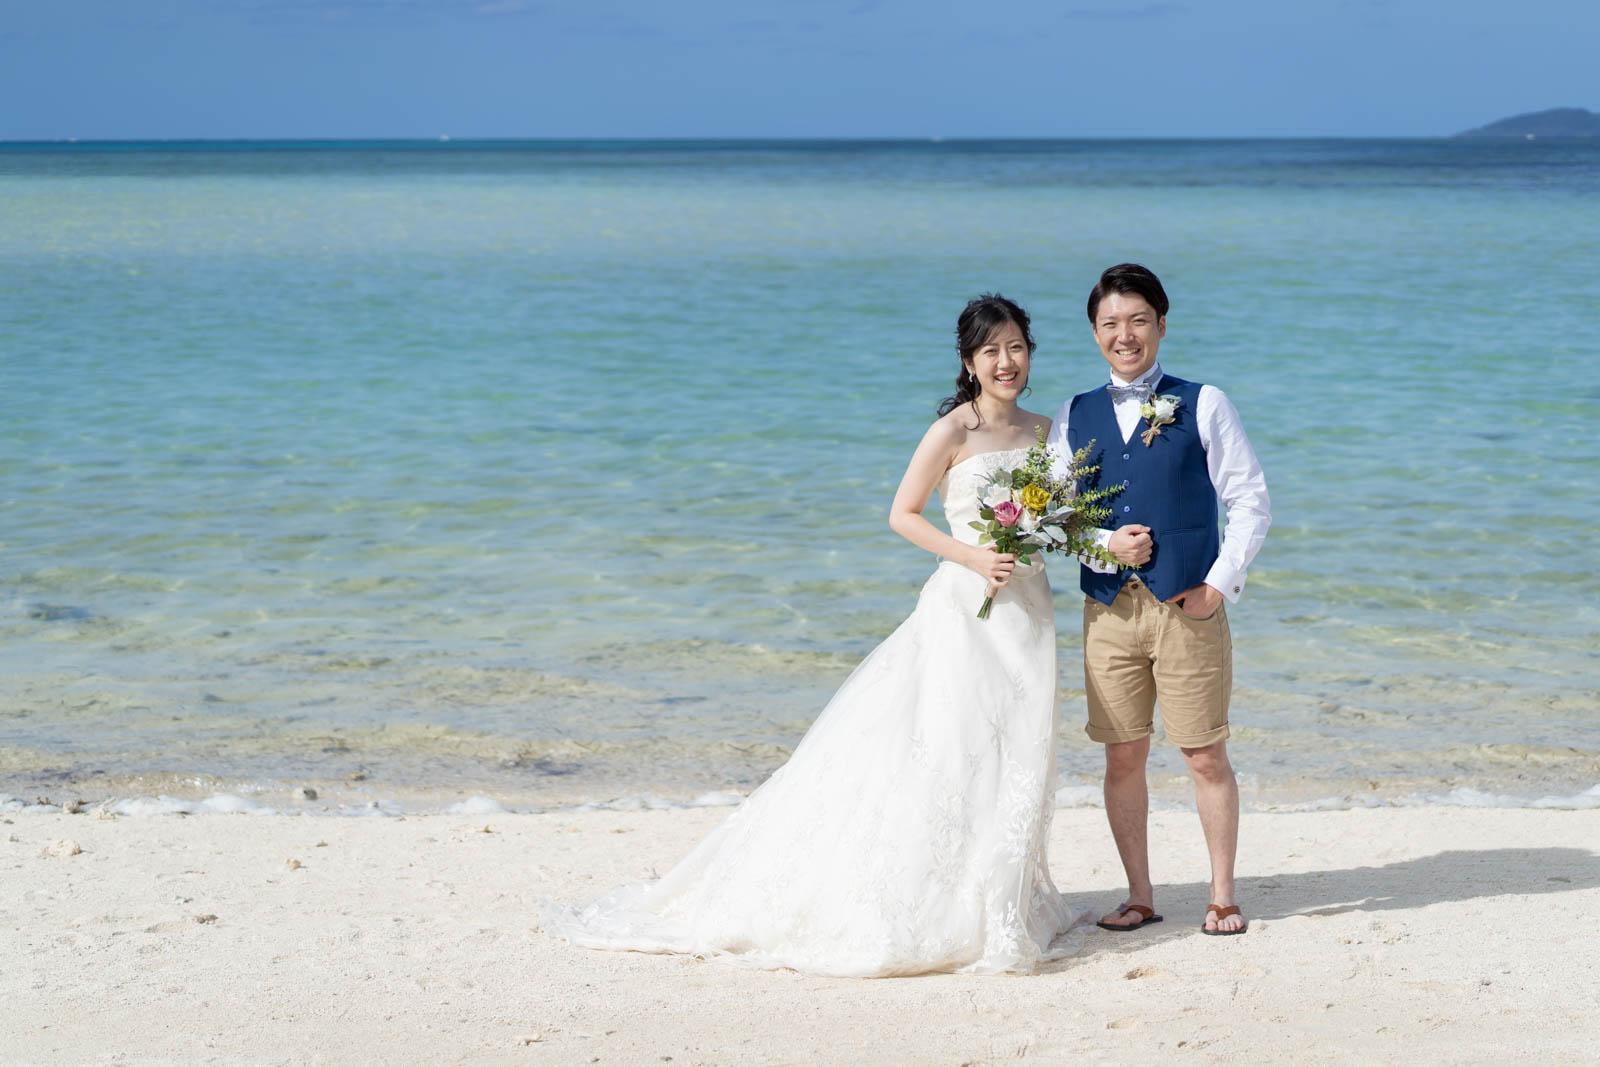 コンドイビーチで結婚写真